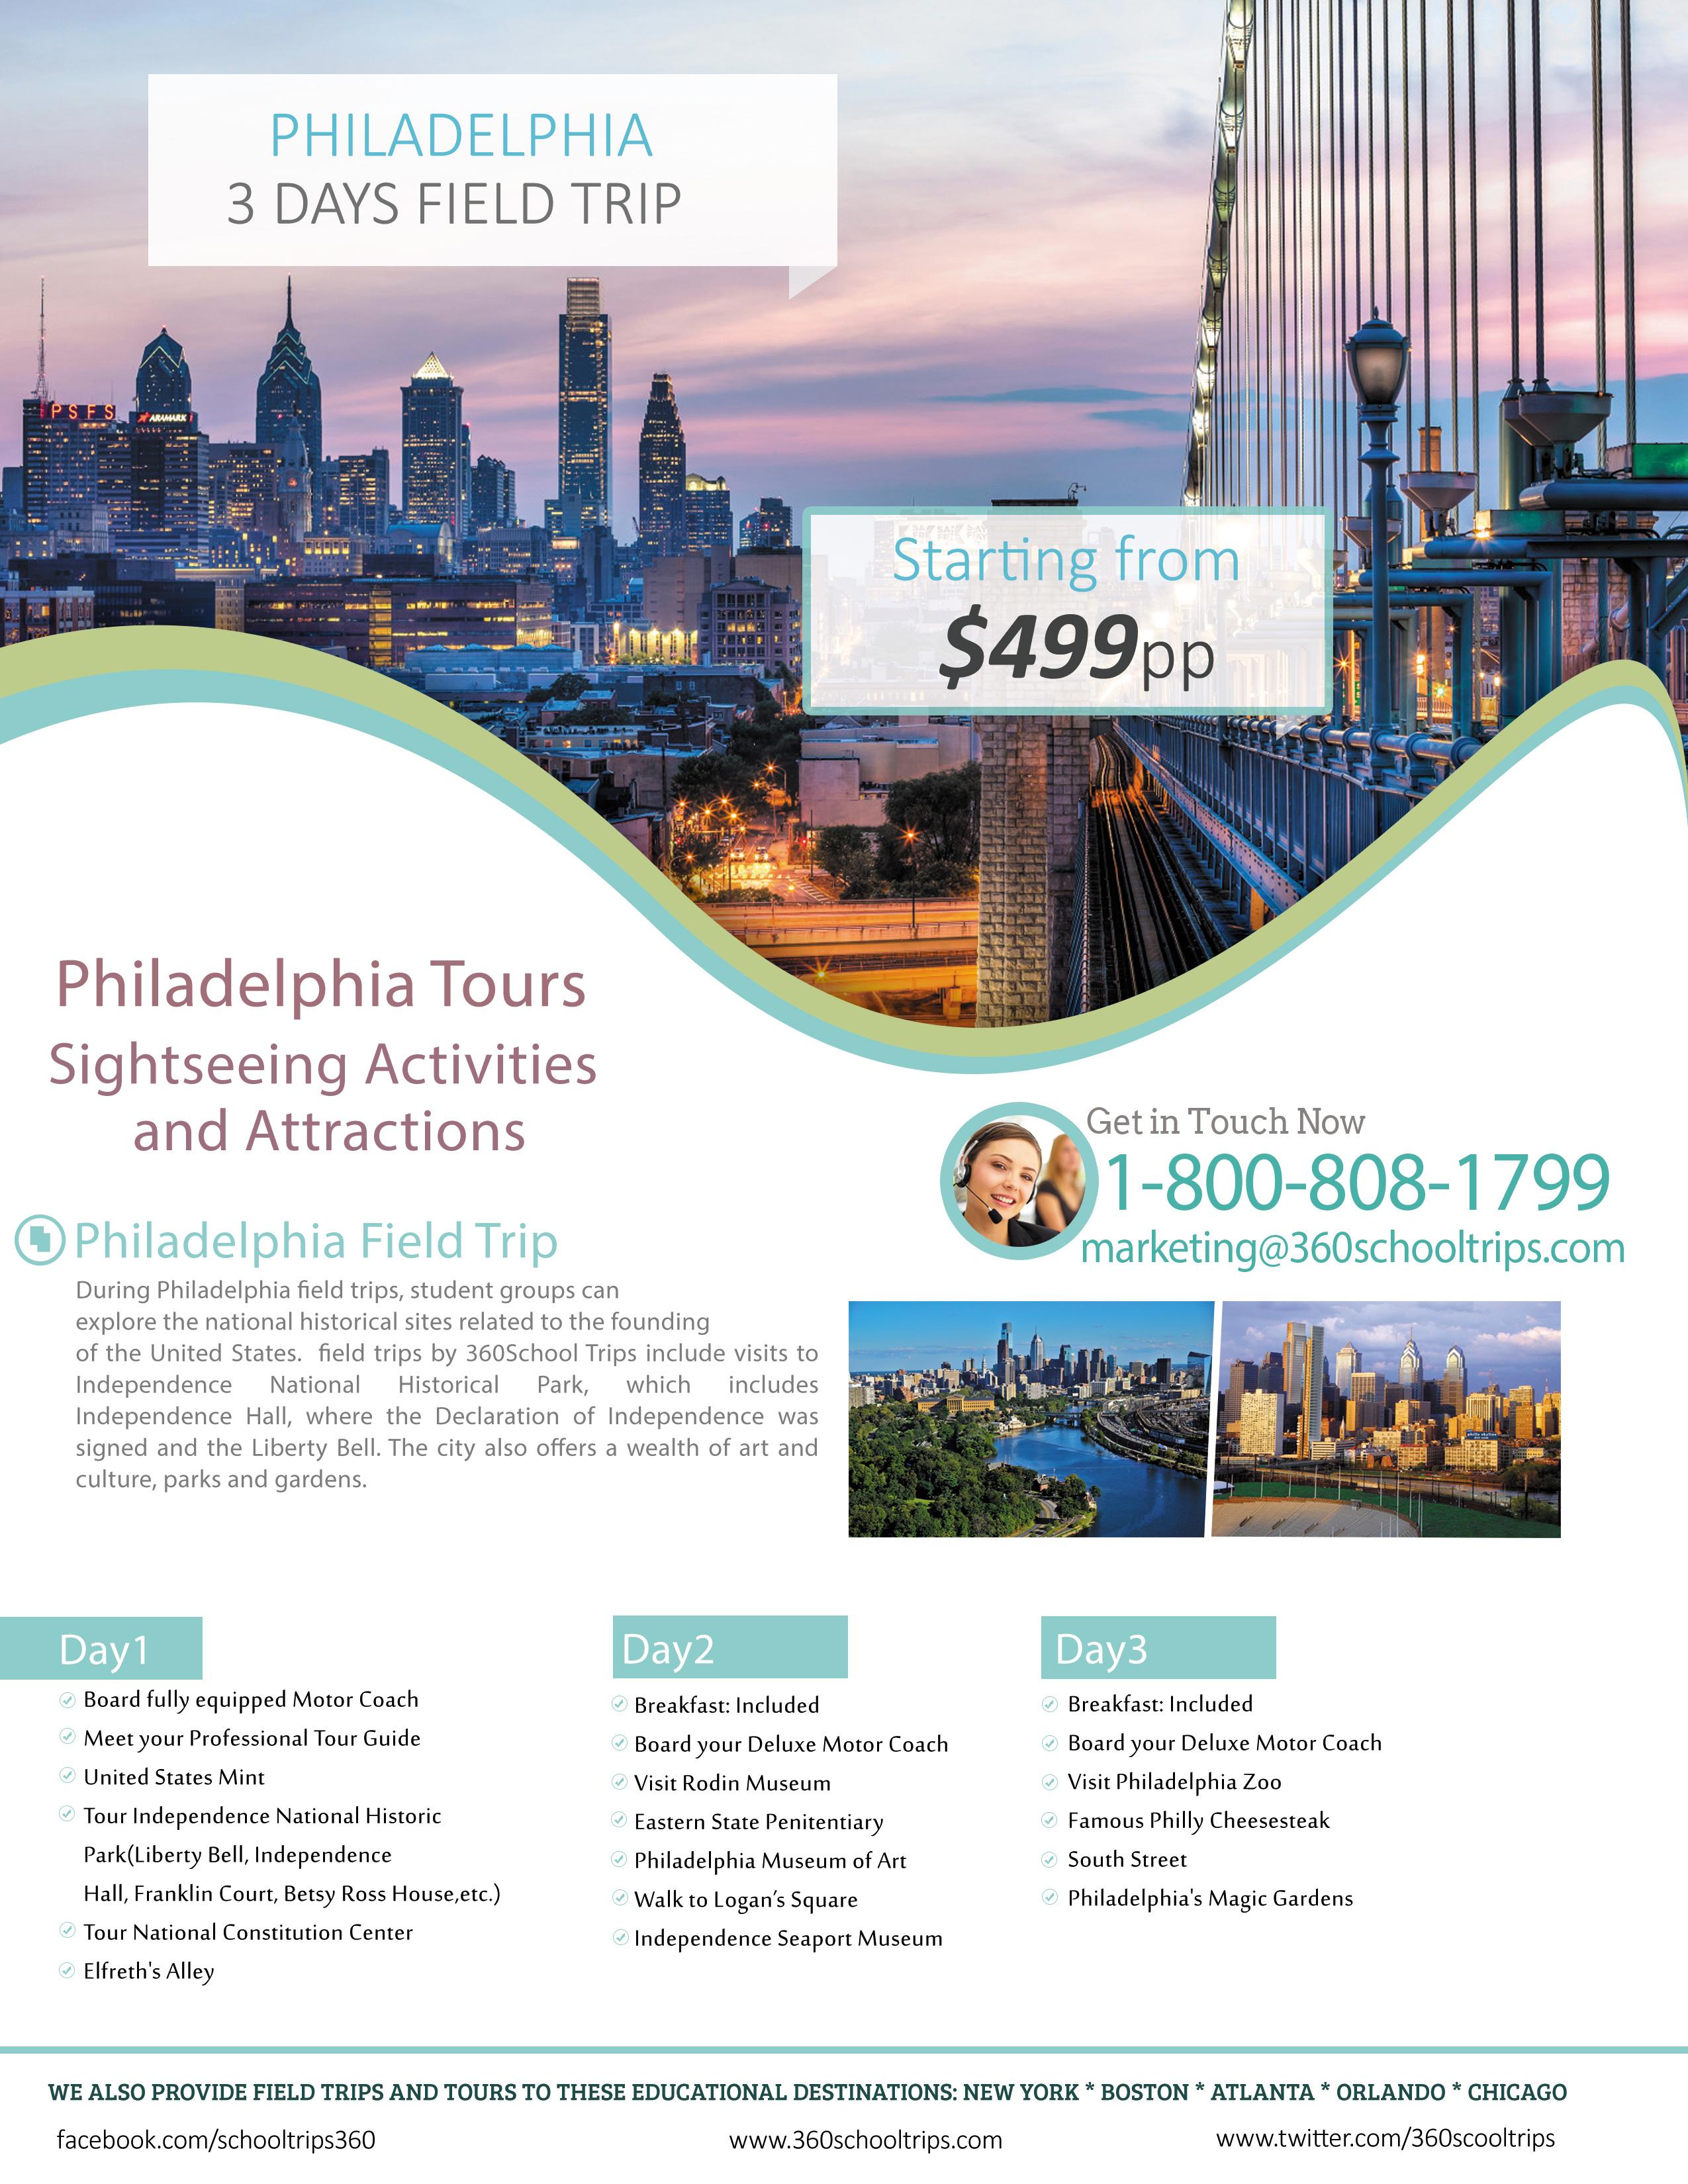 Philadelphia 3 Days Field Trip